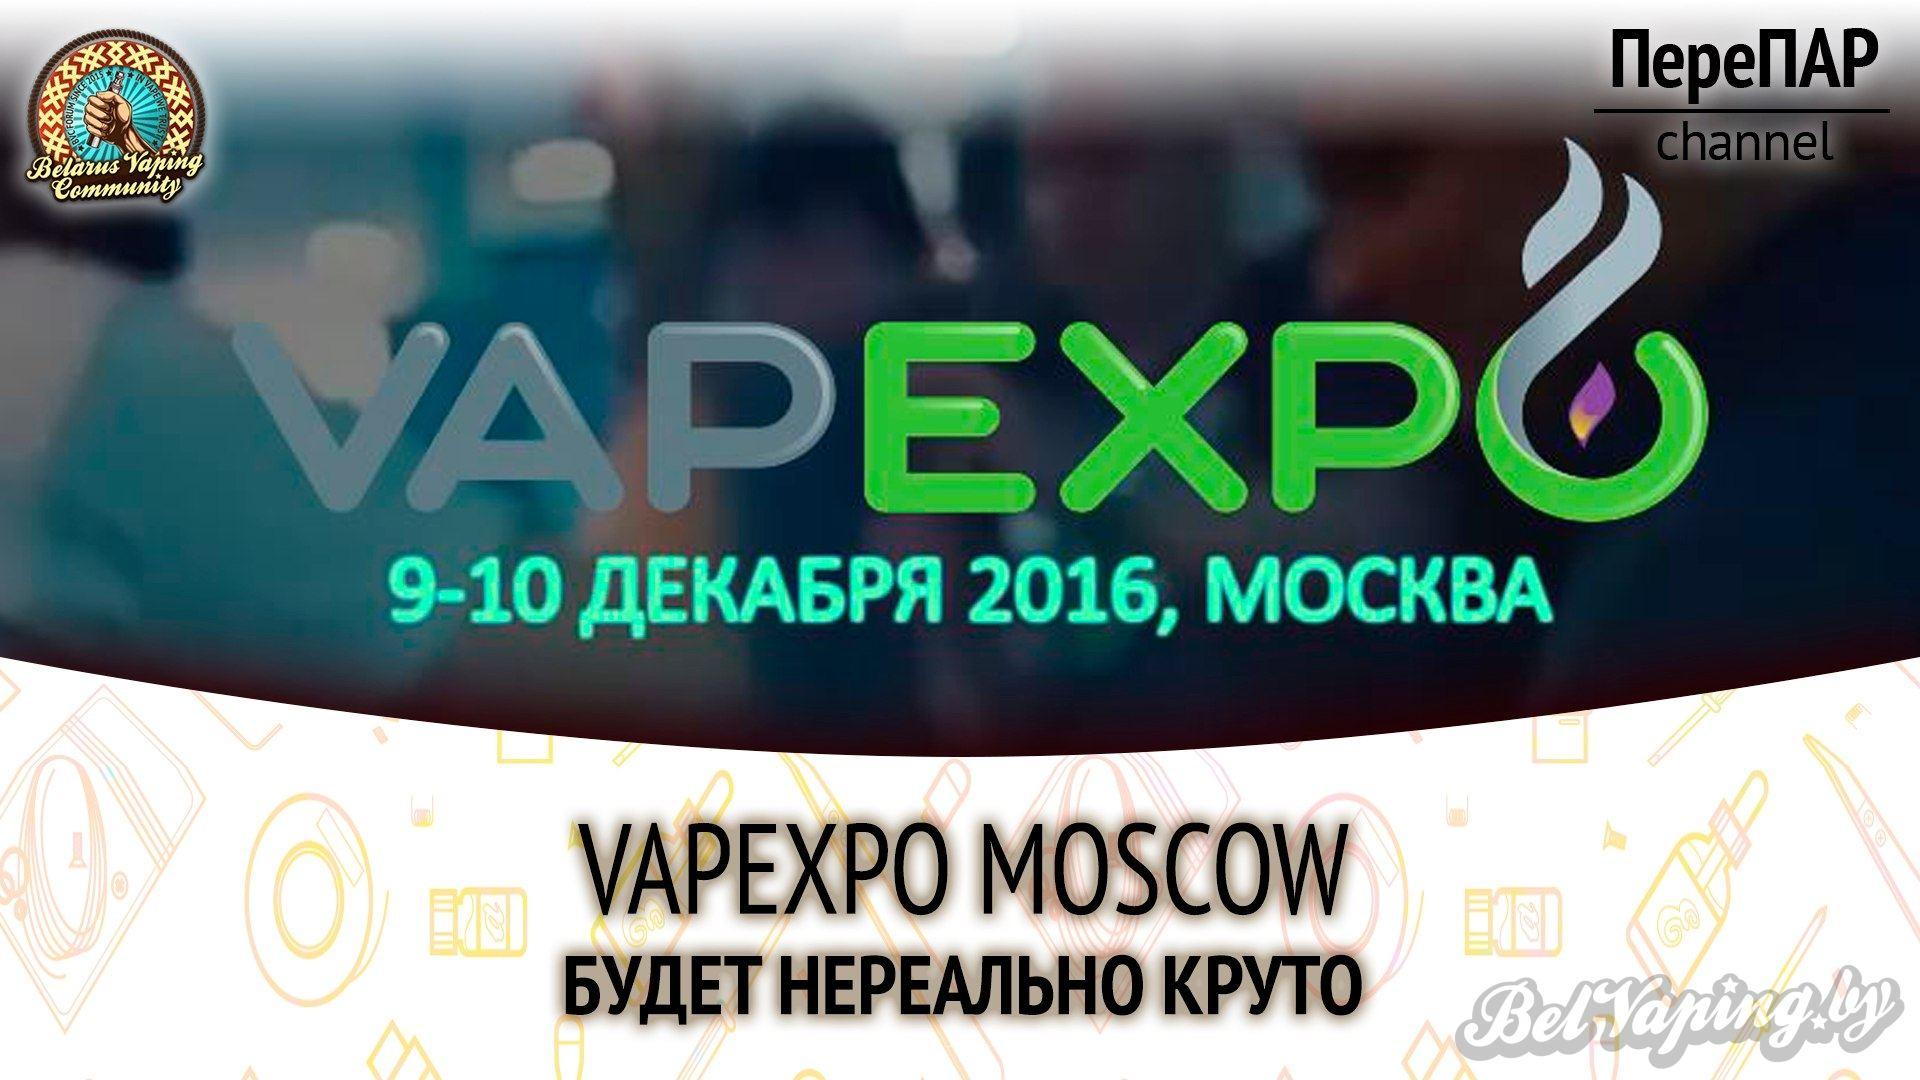 Приглашение на VAPEXPO MOSCOW